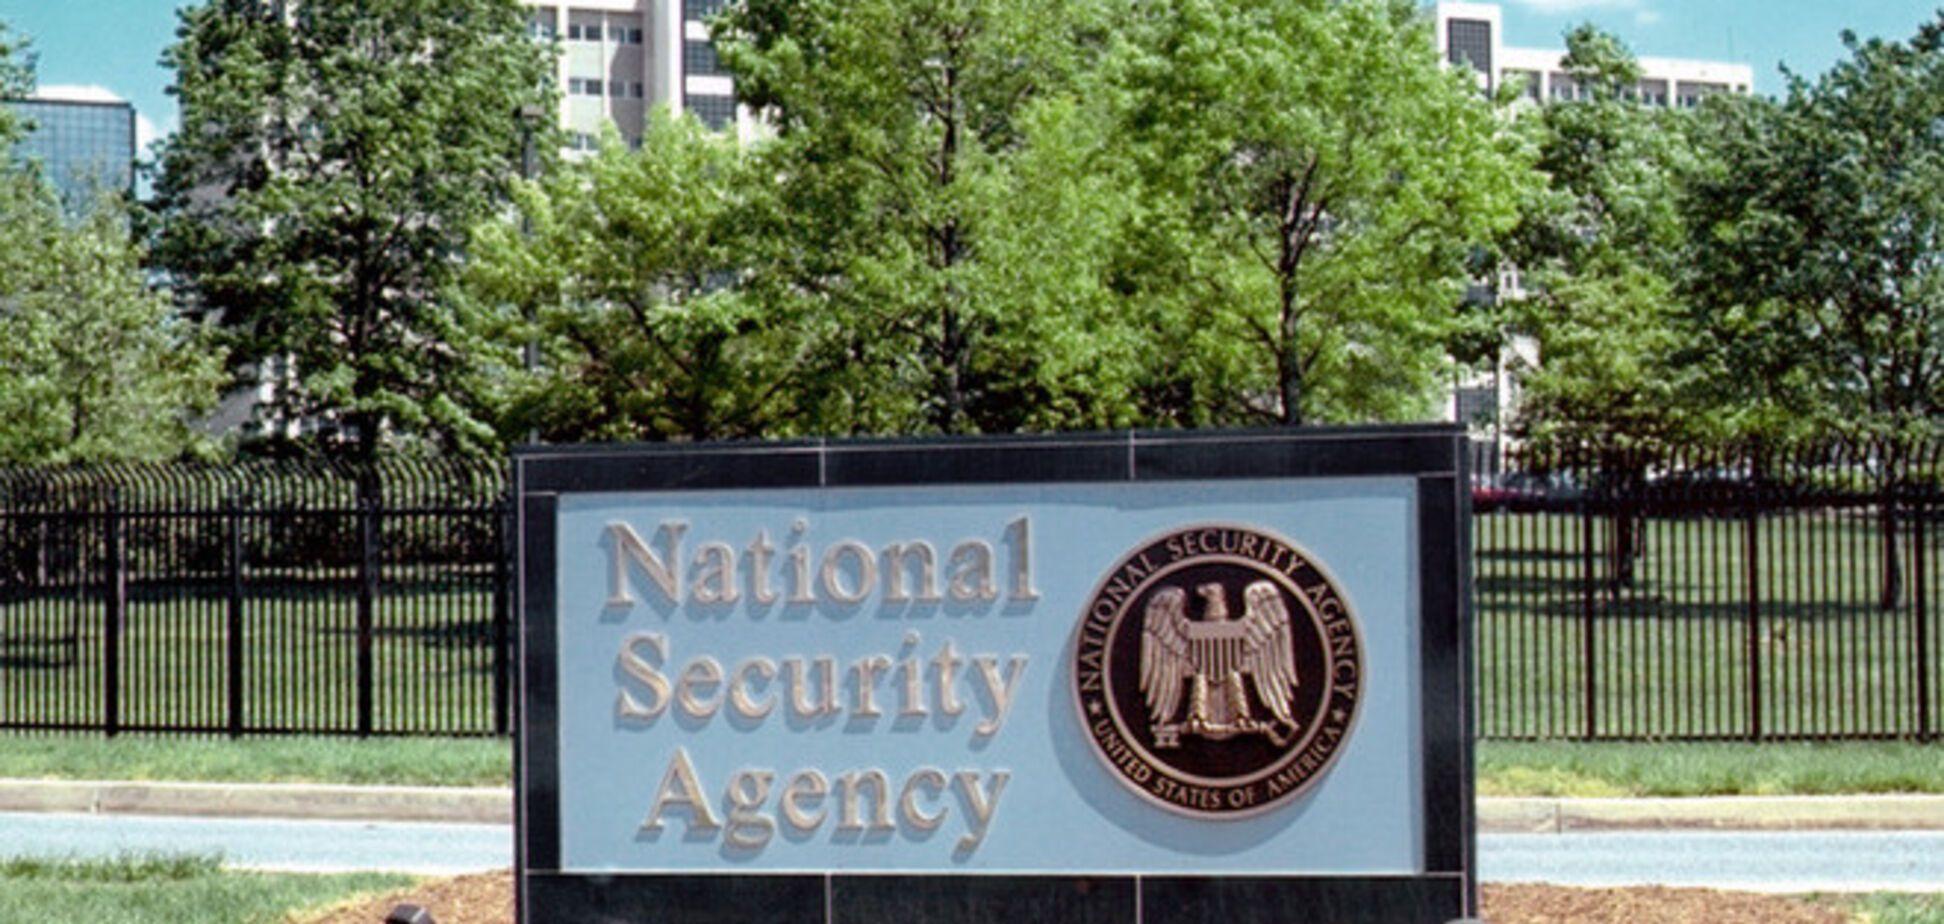 Влада США за дорученням Обами вперше відзвітували про електронну стеженні